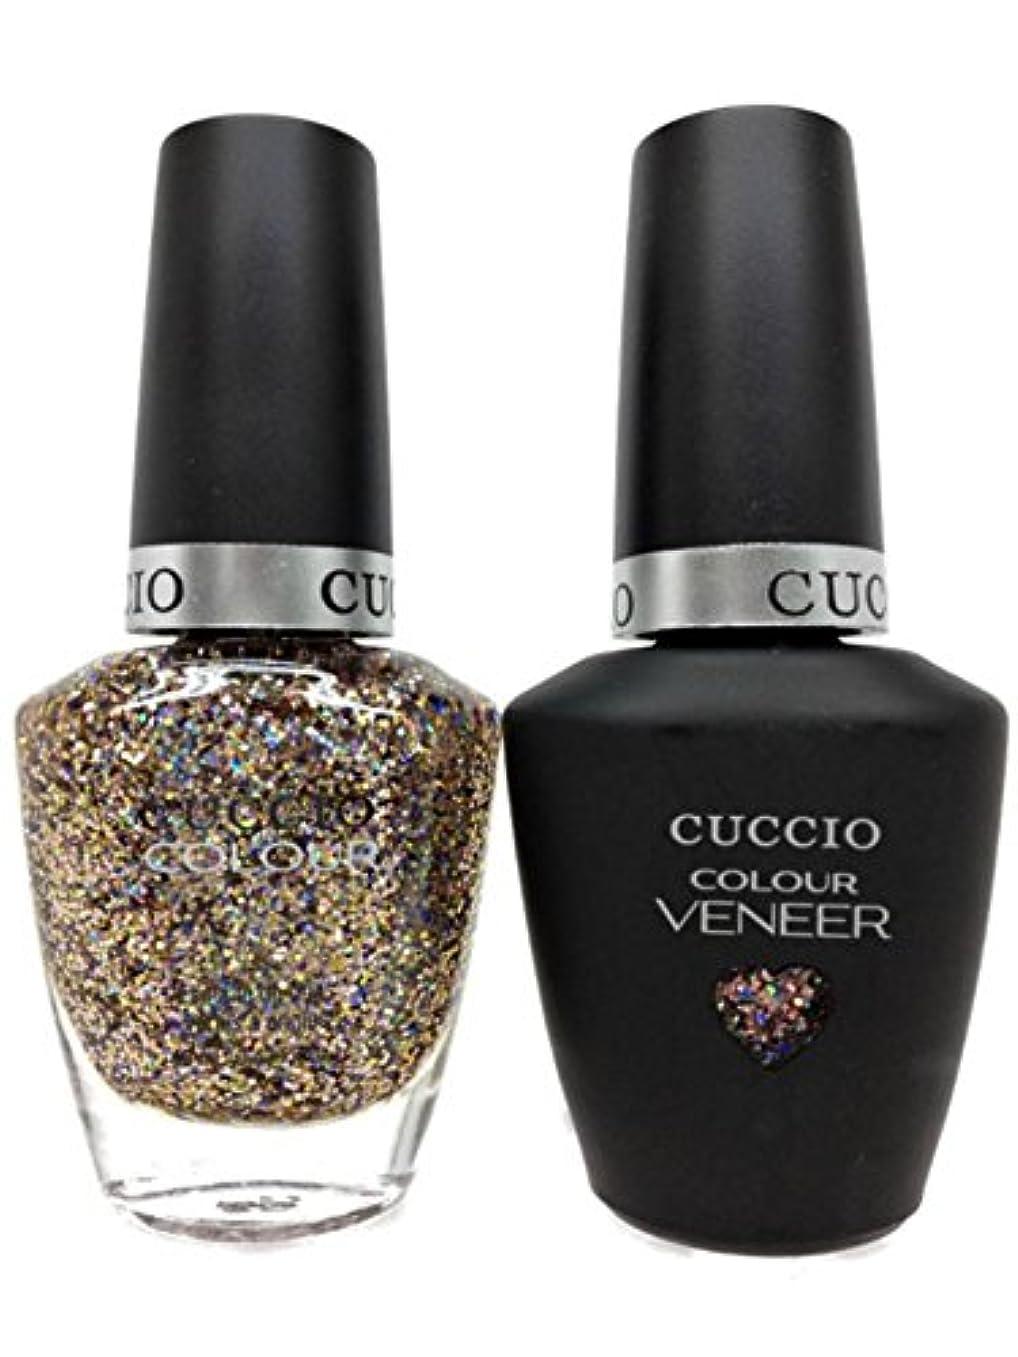 マスク冷凍庫お尻Cuccio MatchMakers Veneer & Lacquer - Bean There Done That! - 0.43oz / 13ml Each